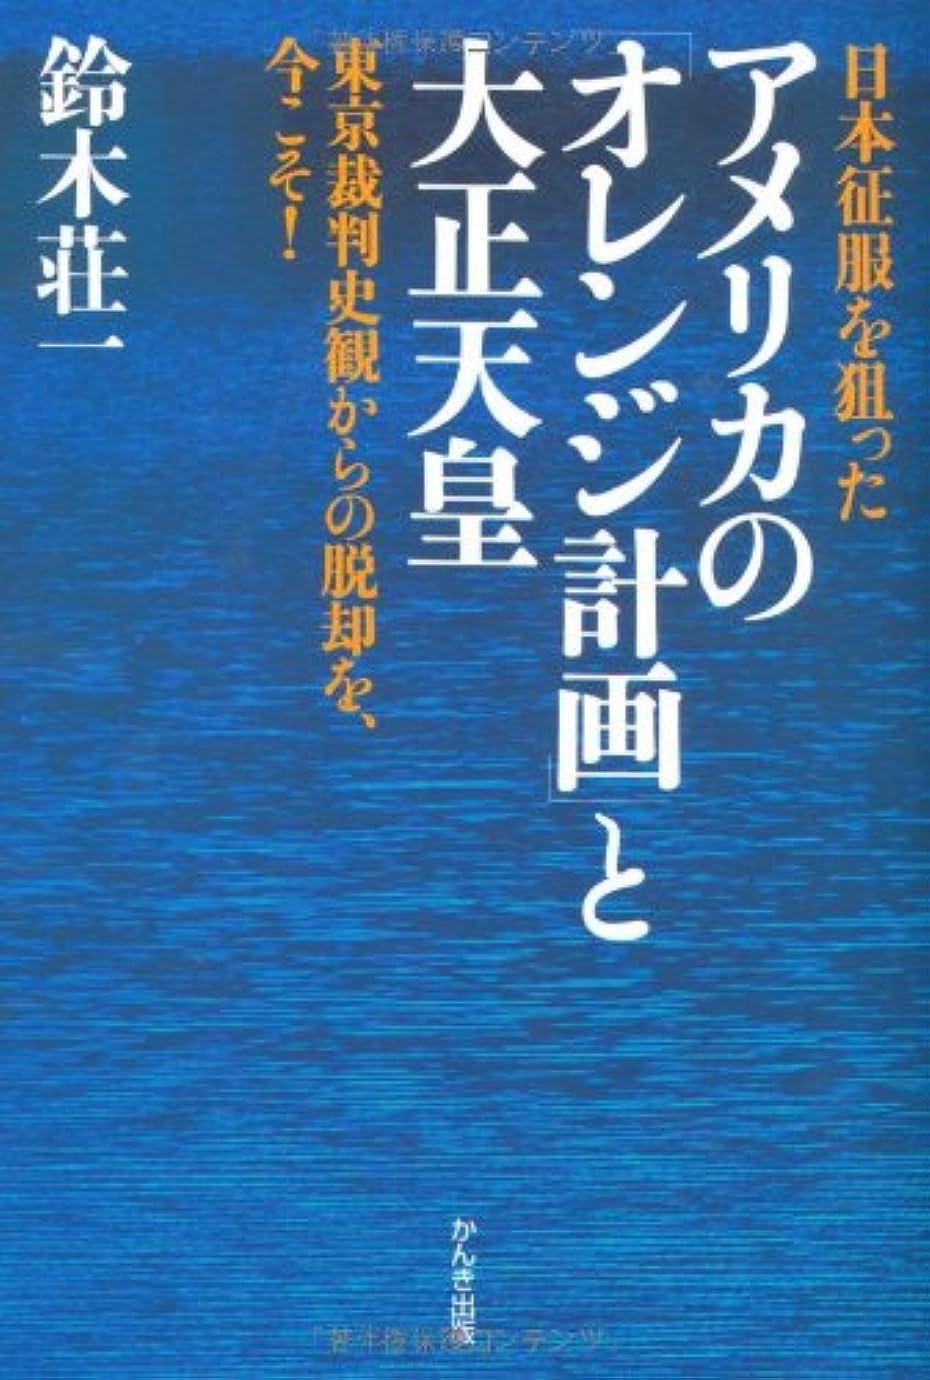 エキスパート出演者虐待日本征服を狙ったアメリカの「オレンジ計画」と大正天皇―東京裁判史観からの脱却を、今こそ!